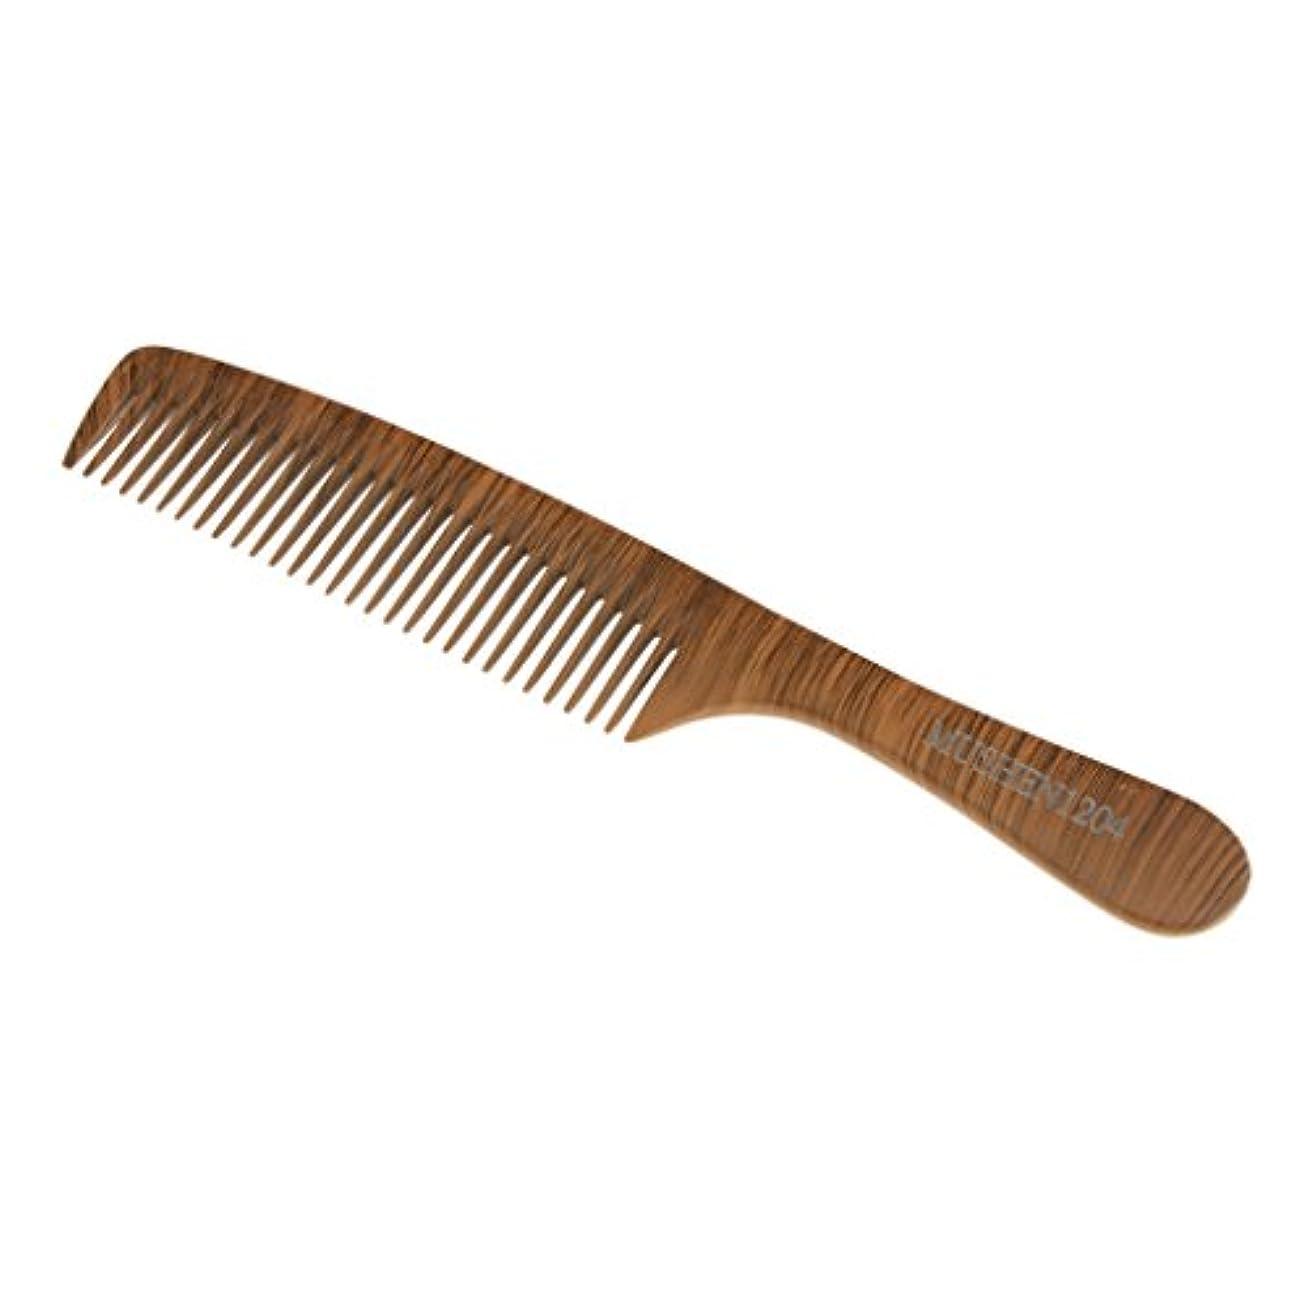 塩辛いラグ著者ヘアカットコーム コーム ヘアブラシ ウッド 帯電防止 サロン 理髪師 4タイプ選べる - 1204